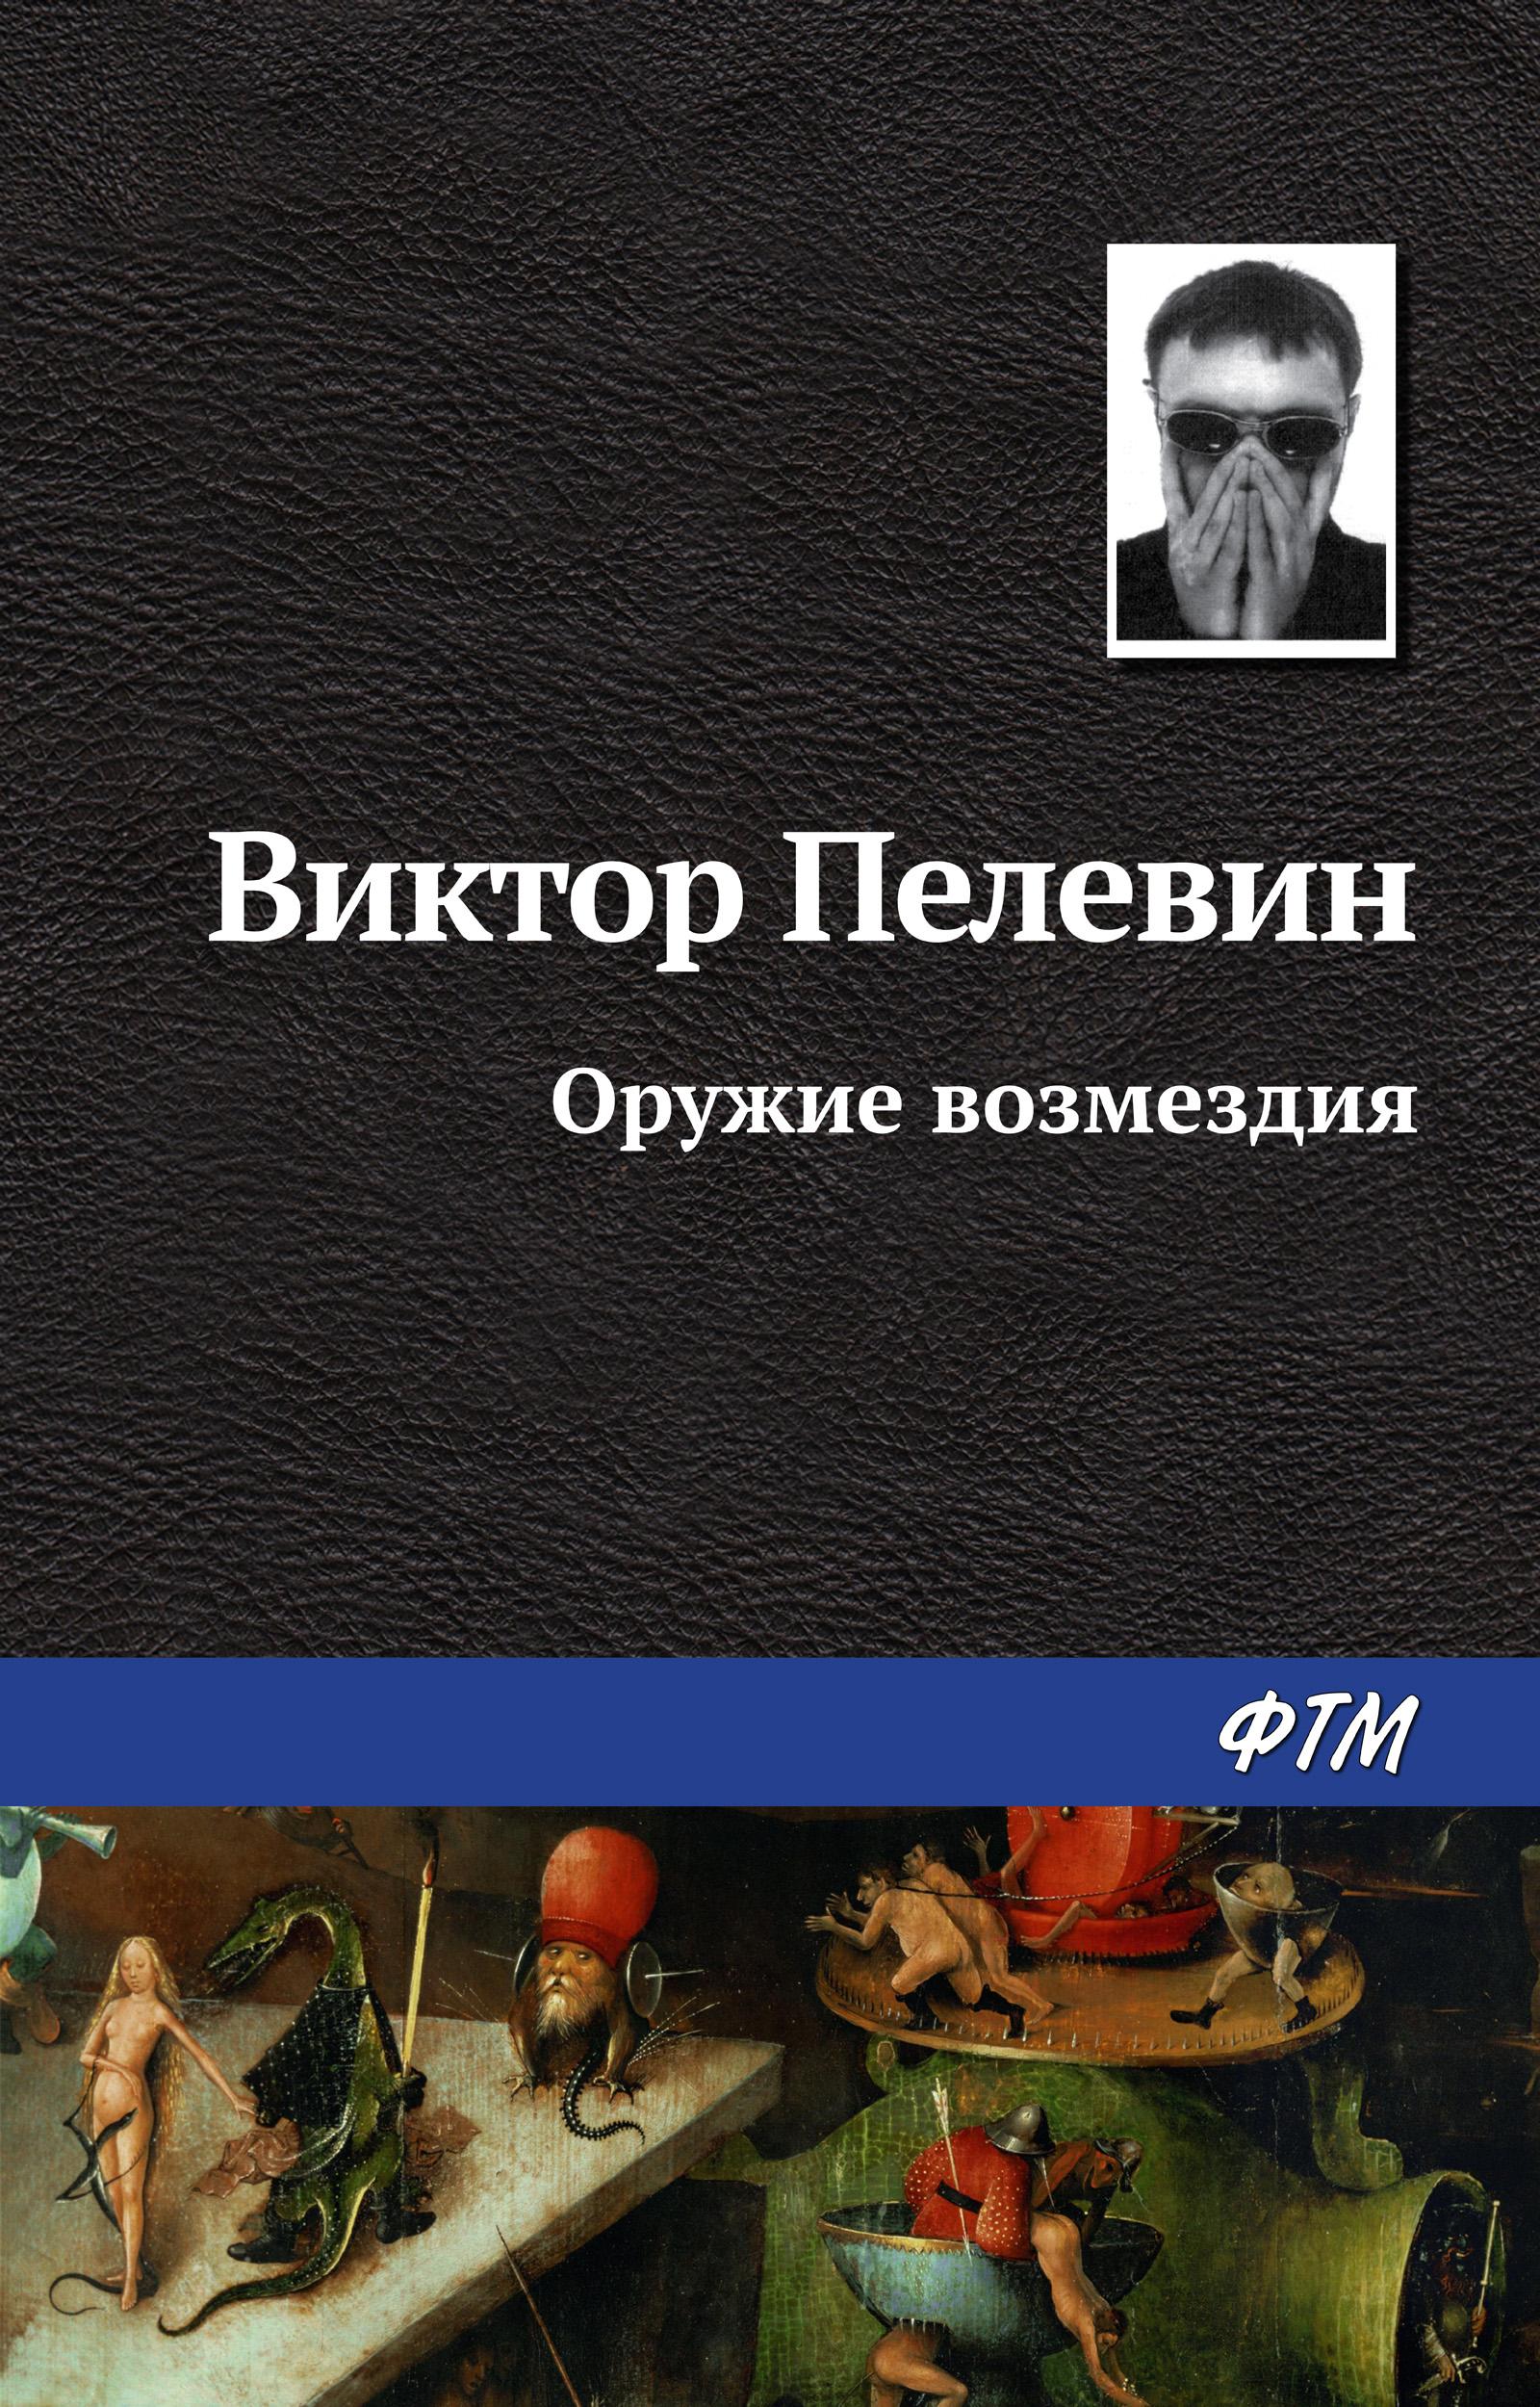 Виктор Пелевин Оружие возмездия свиридов г время возмездия